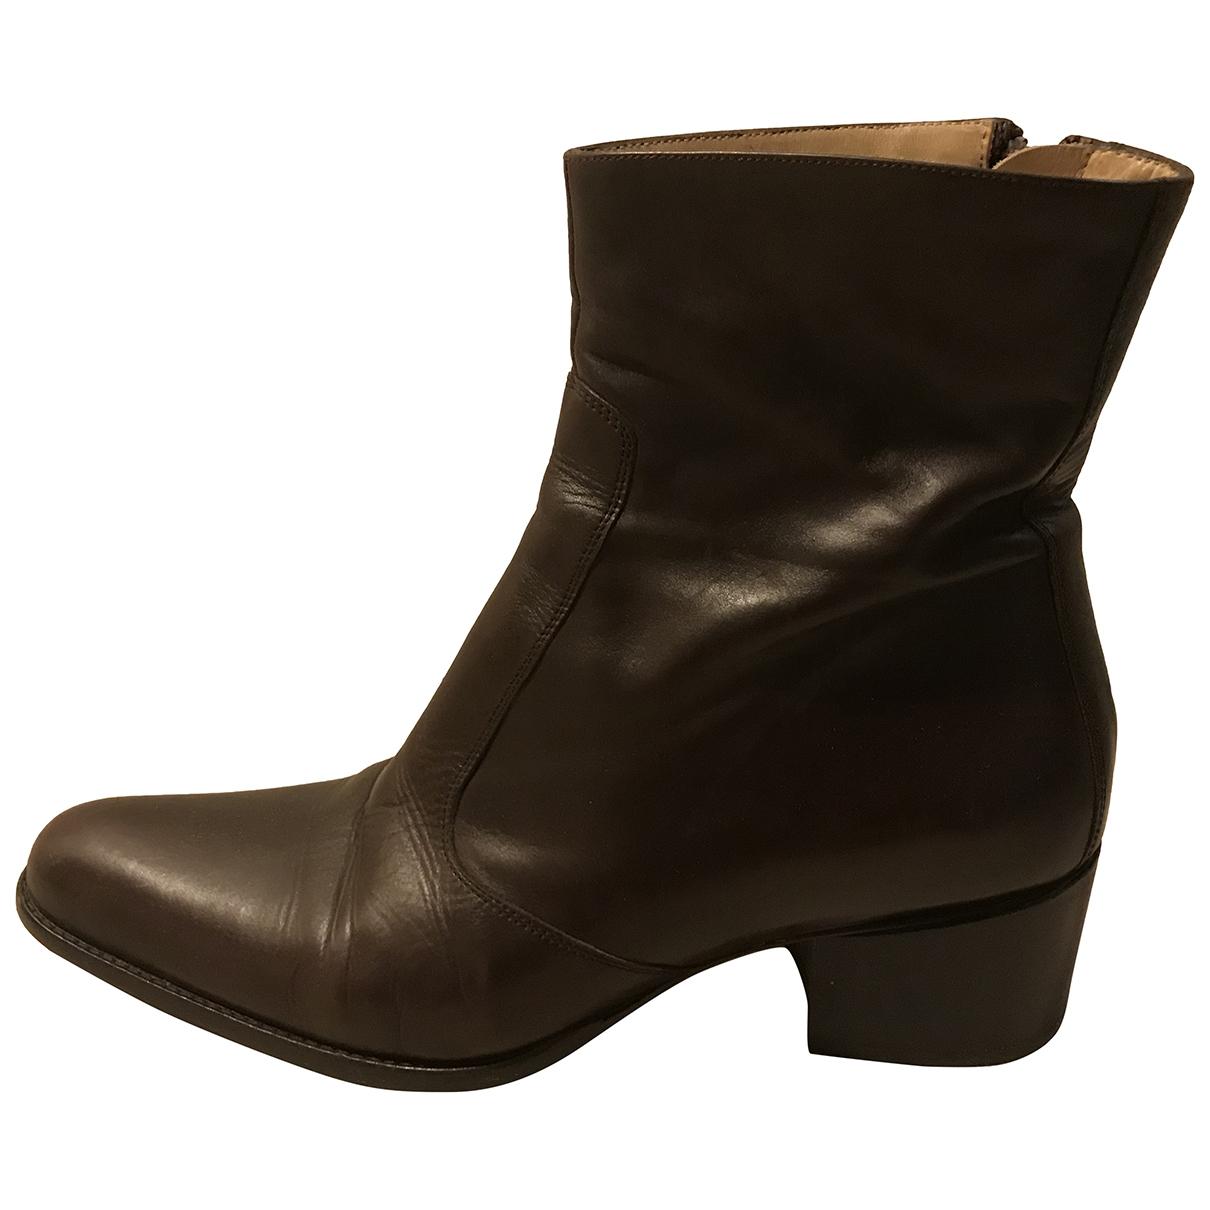 Free Lance - Boots Queenie pour femme en cuir - marron